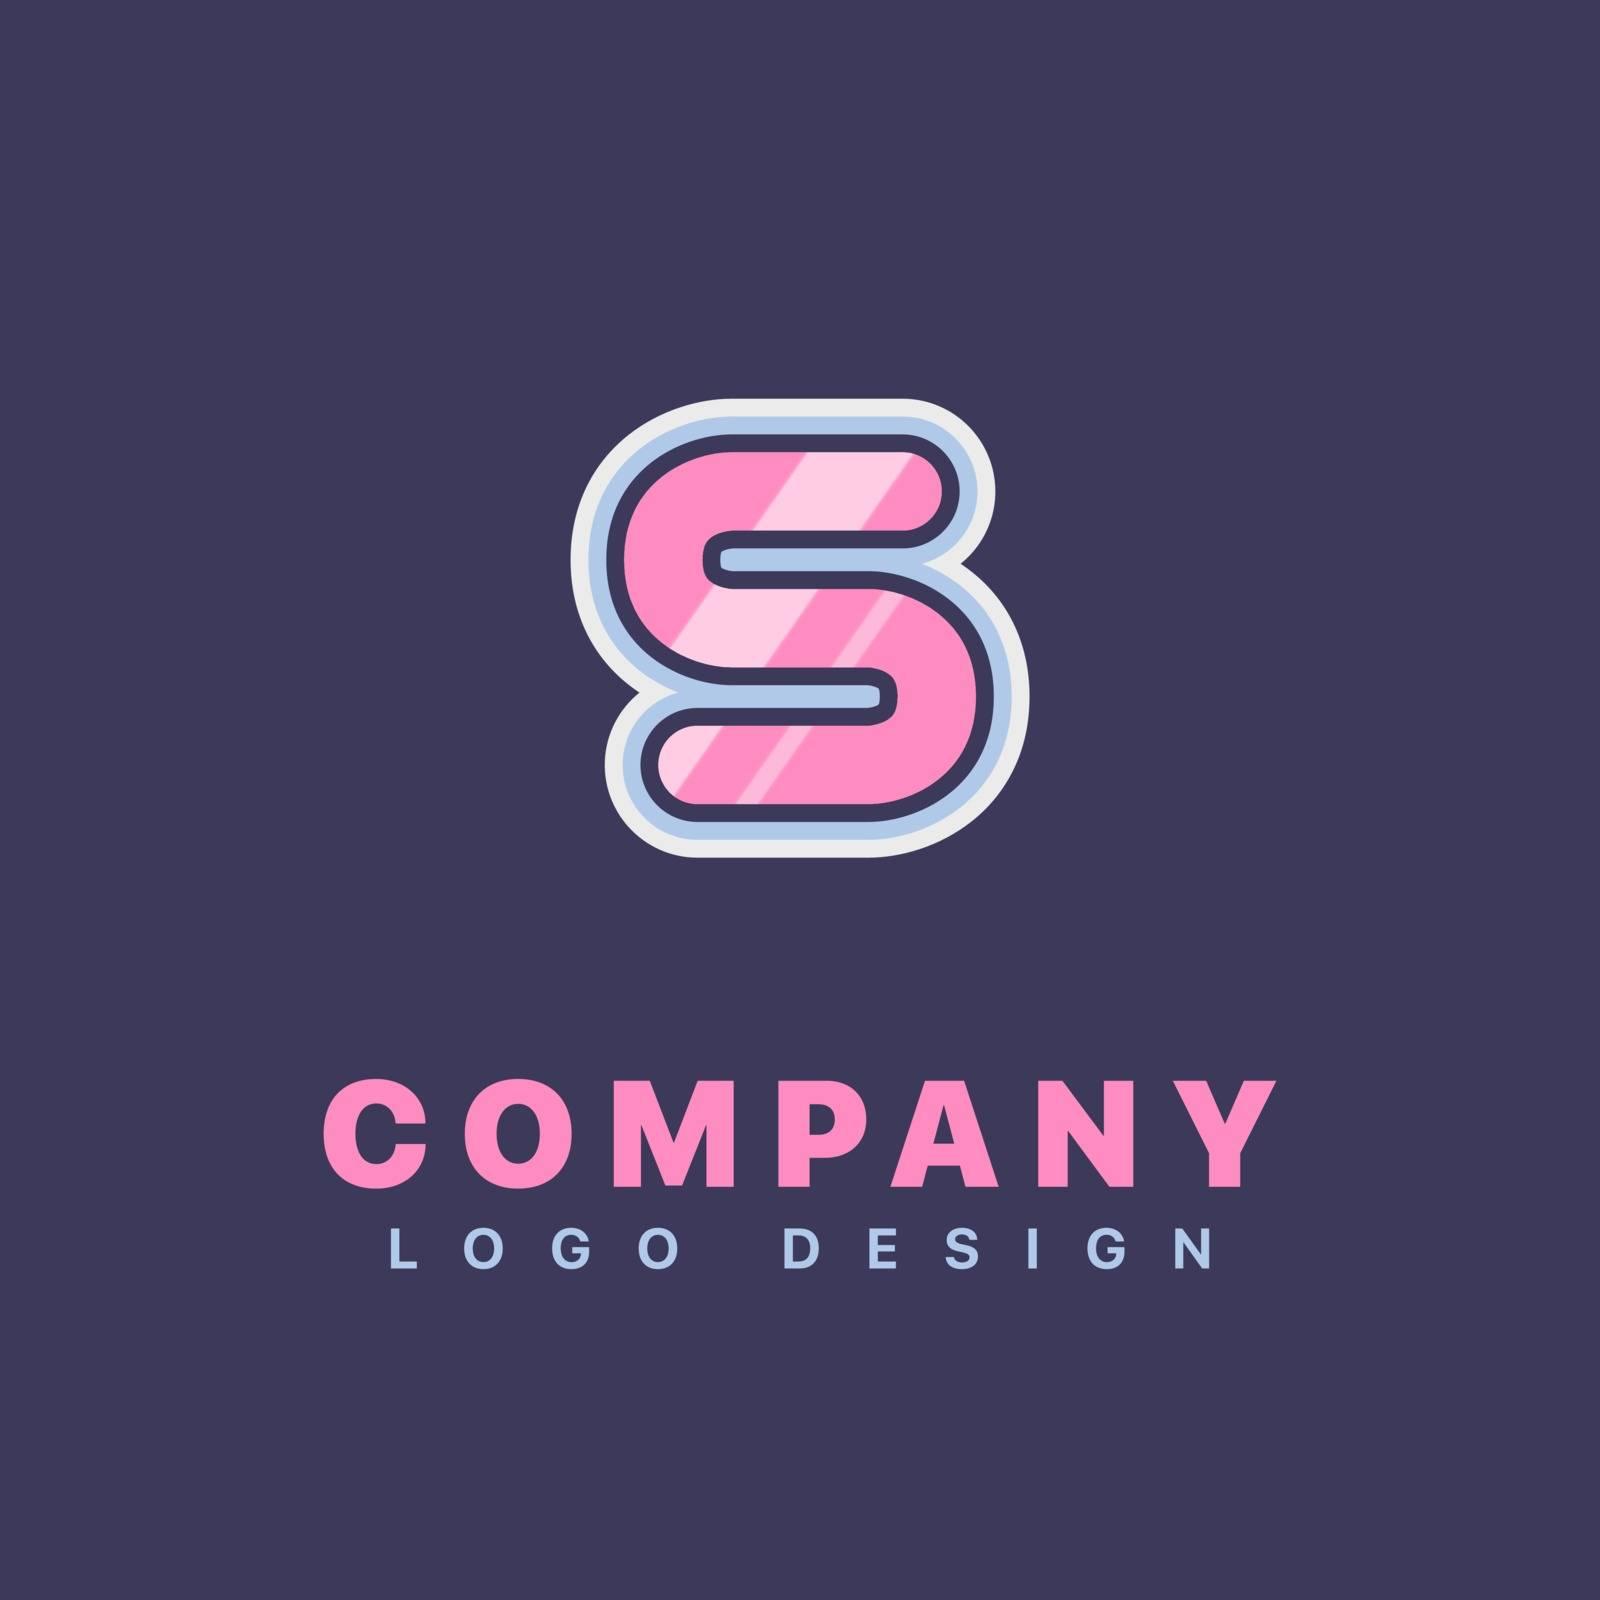 Letter S logo design template. Company logo icon